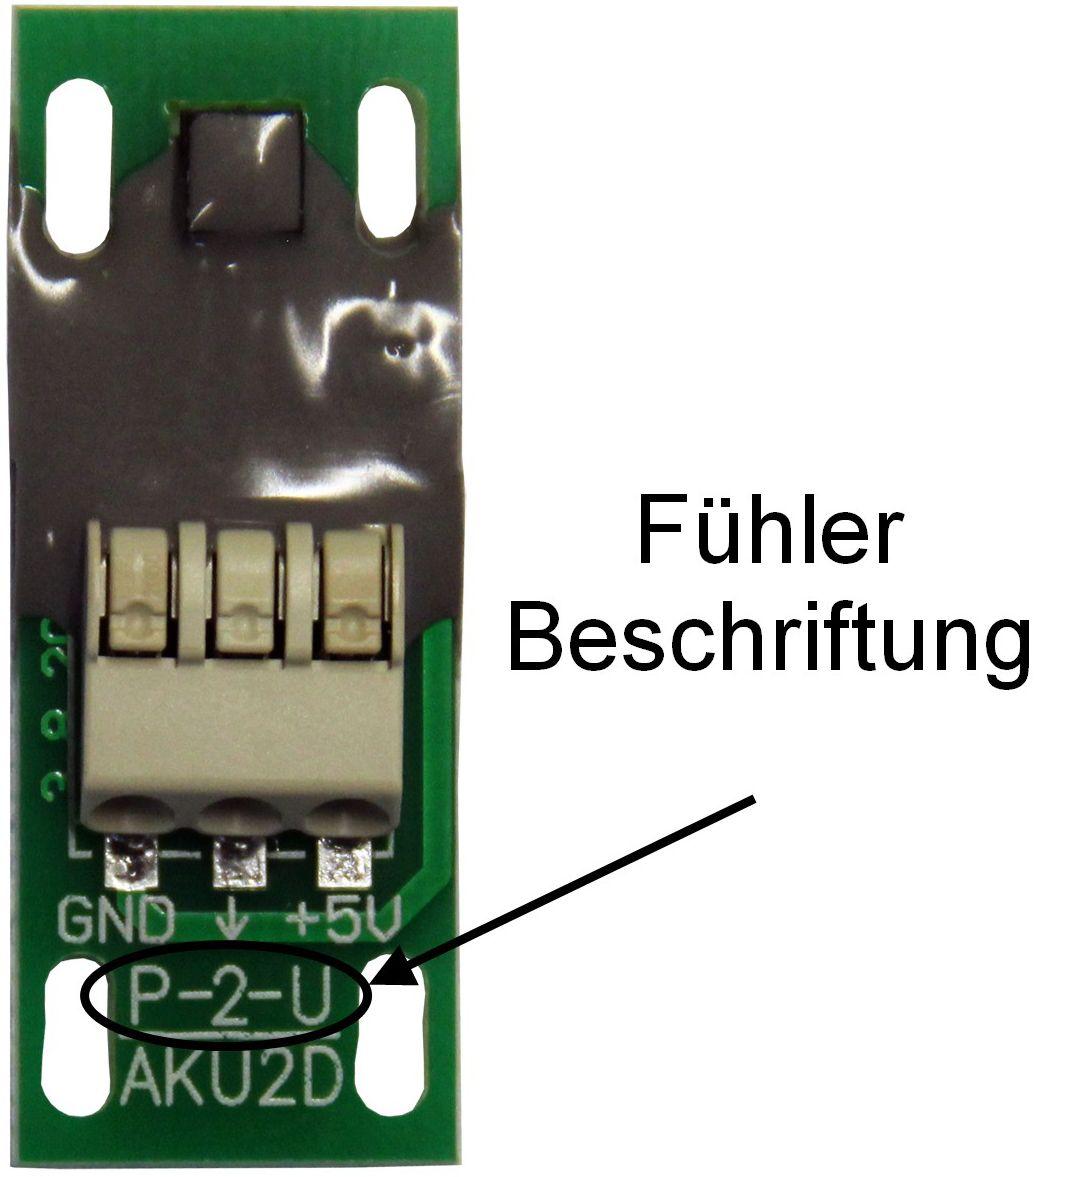 JBR ATMOS Systemregler Datenbus Fuehler mit Beschriftung Beschriftung Killus-Technik.de